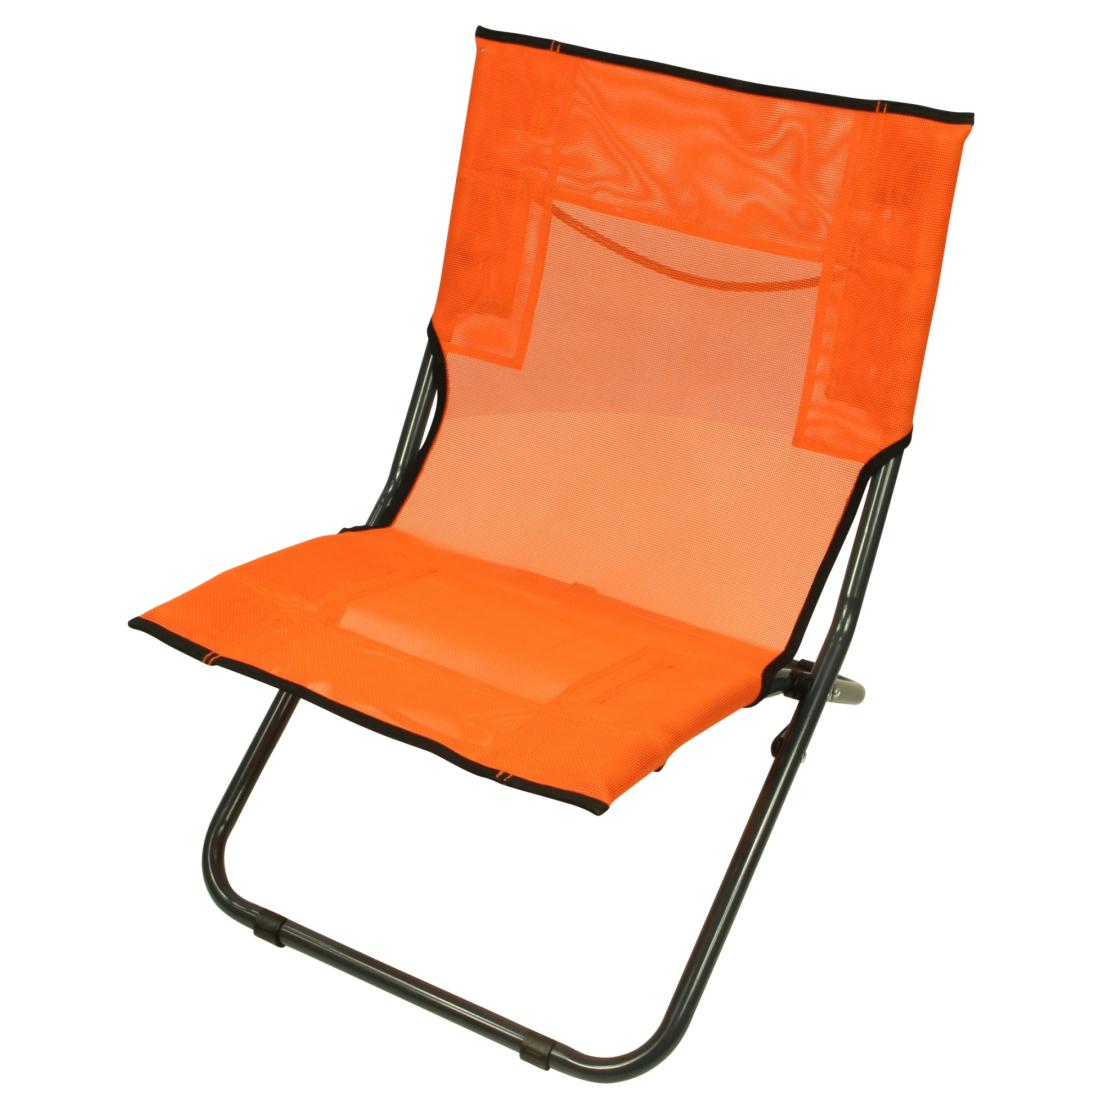 Fridani BCO 620 Siège de camping mobile, siège de plage pliant, Textilene, 3300g Mobilier de plein air Chaises Chaises de plage